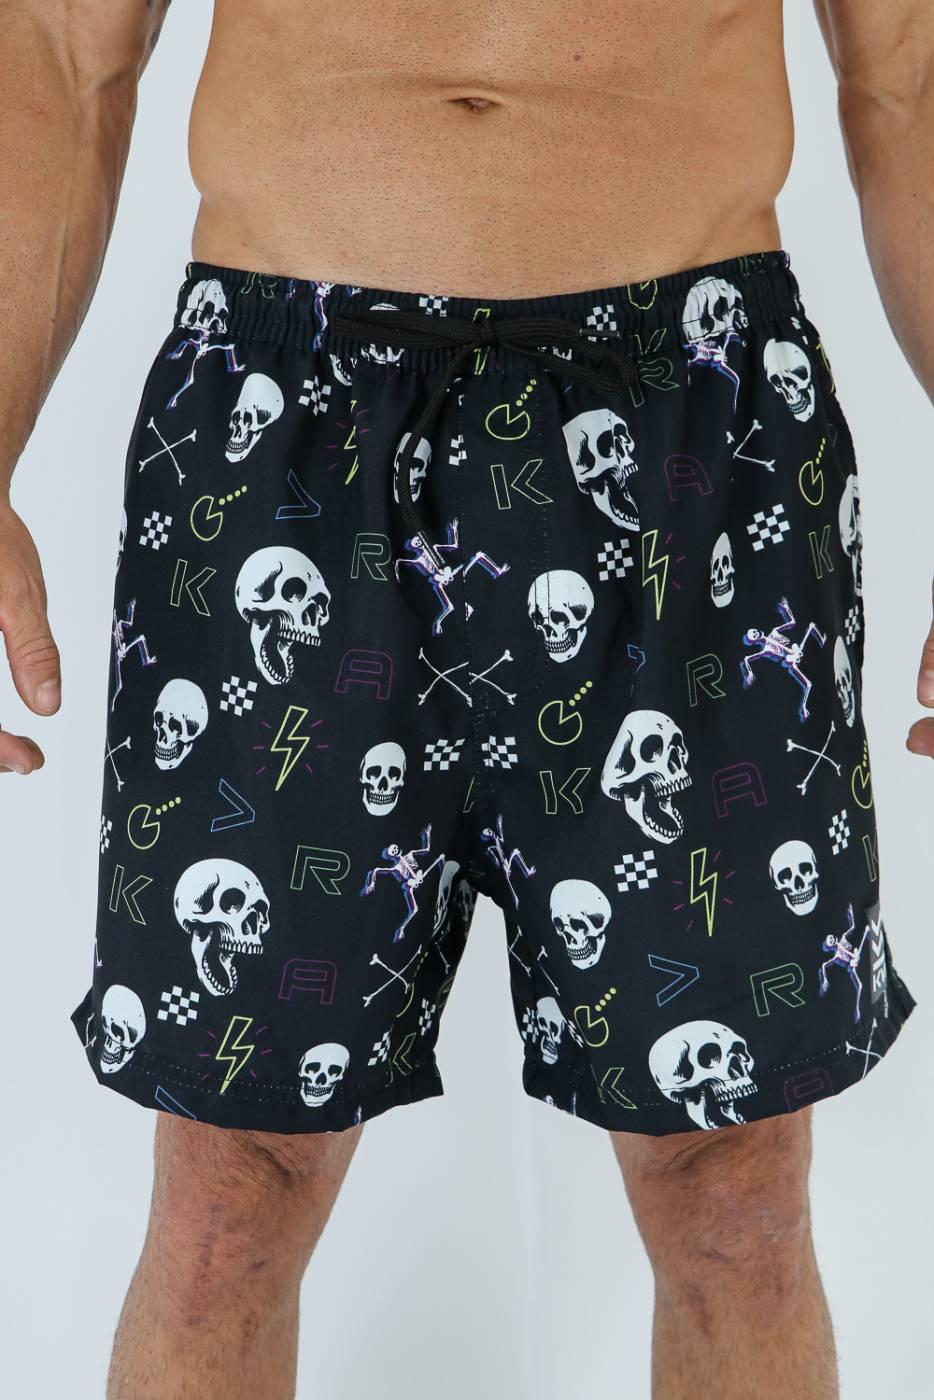 Shorts Slack masculino - KVRA